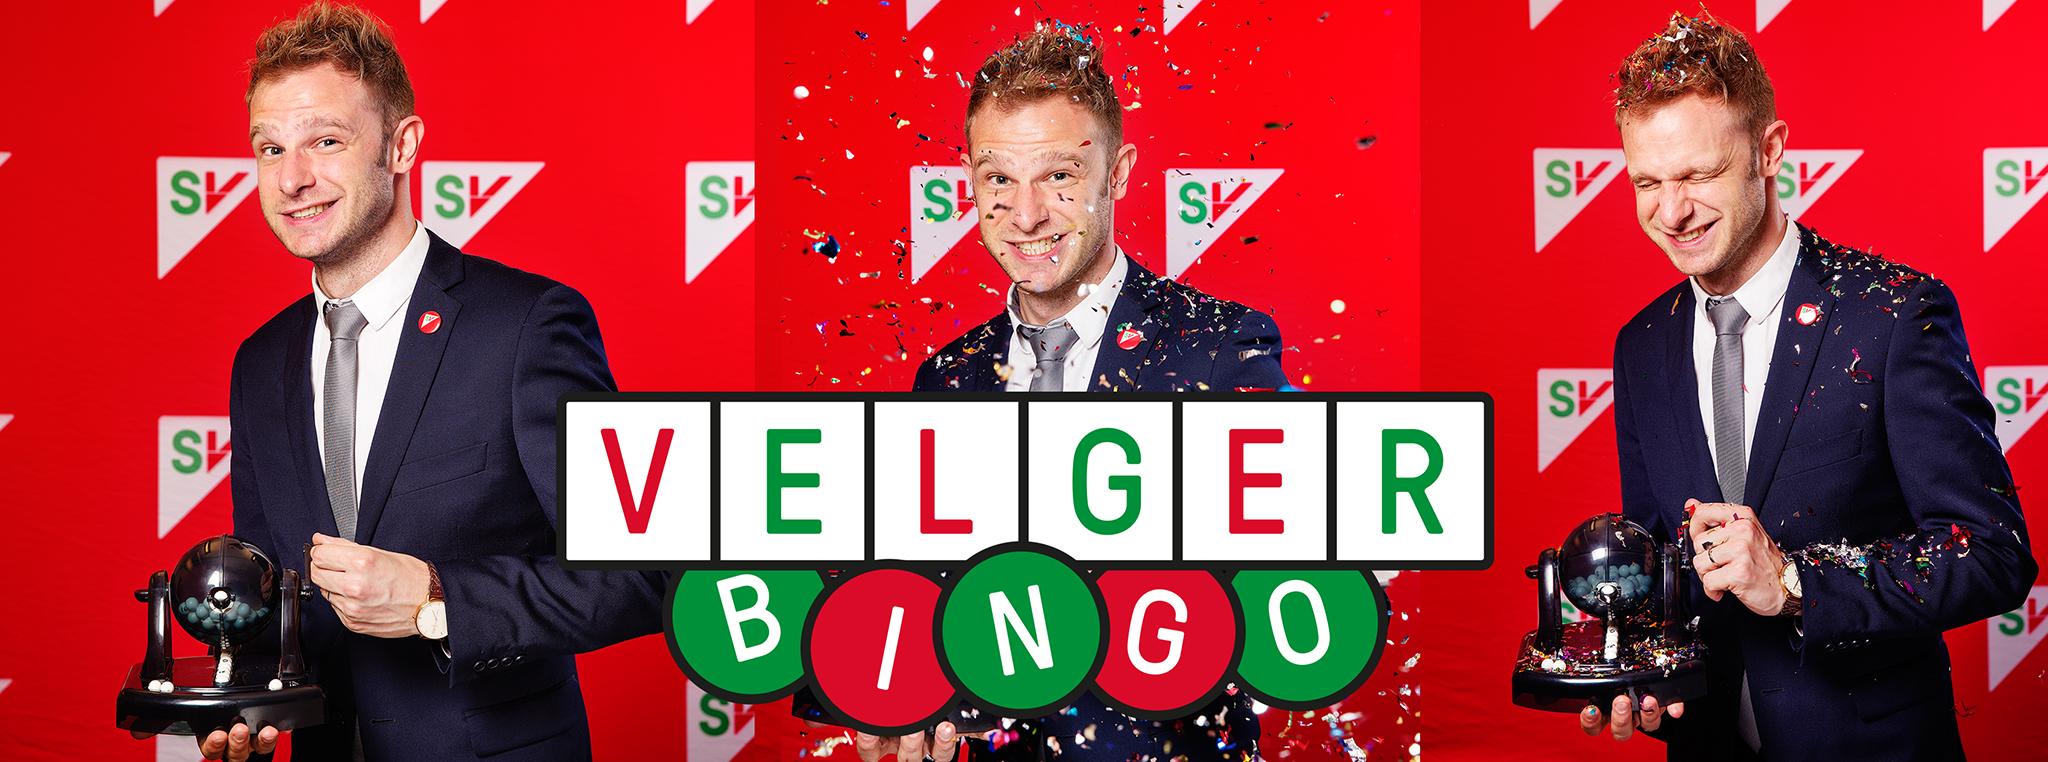 Velgerbingo. Snorre Valen som bingovert dekket av konfetti. Grafikk over foto